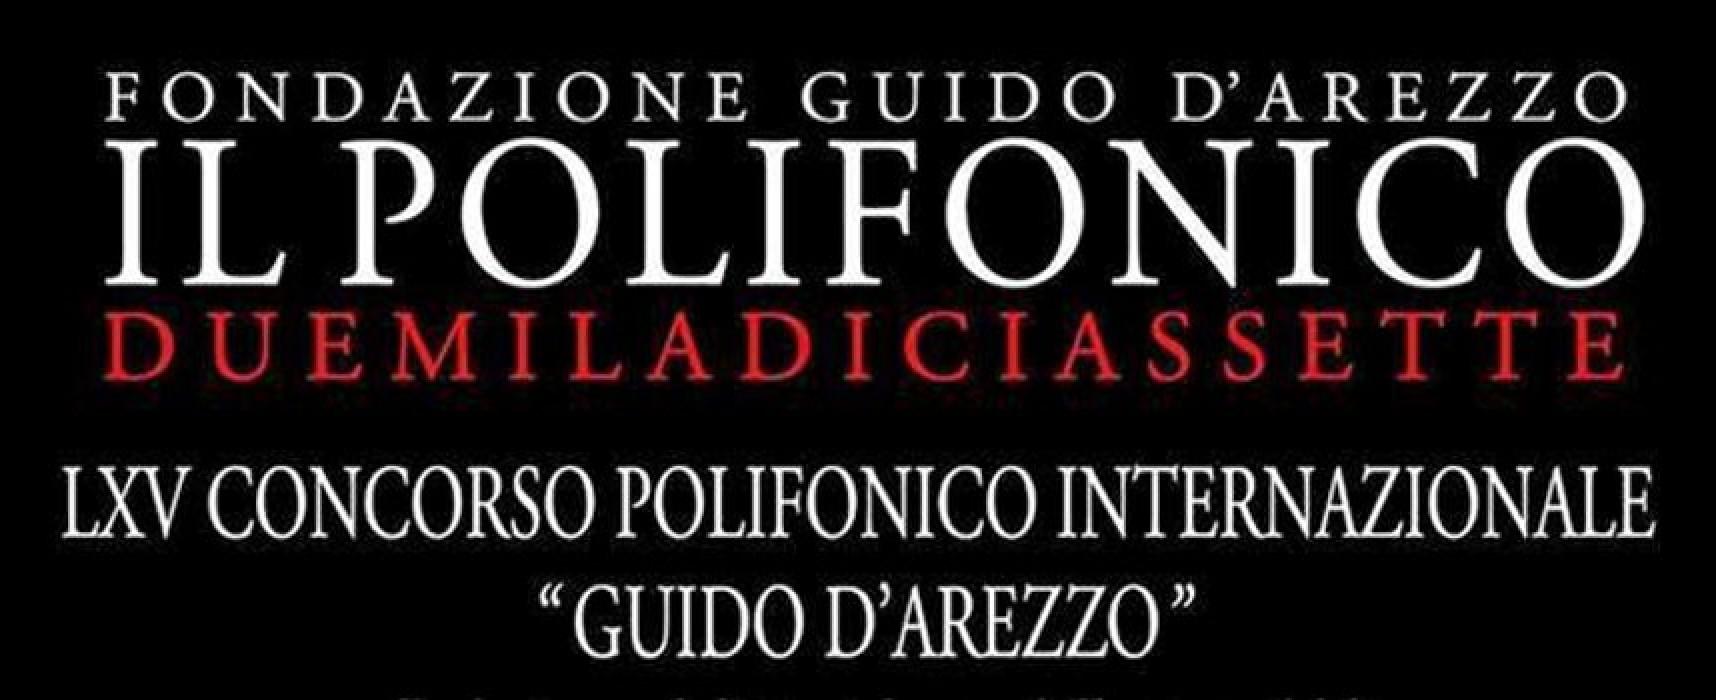 """Polifonico 2017: la 65esima edizione del Concorso Internazionale """"Guido d'Arezzo"""". Tanti gli eventi collaterali, e tutto a ingresso gratuito."""